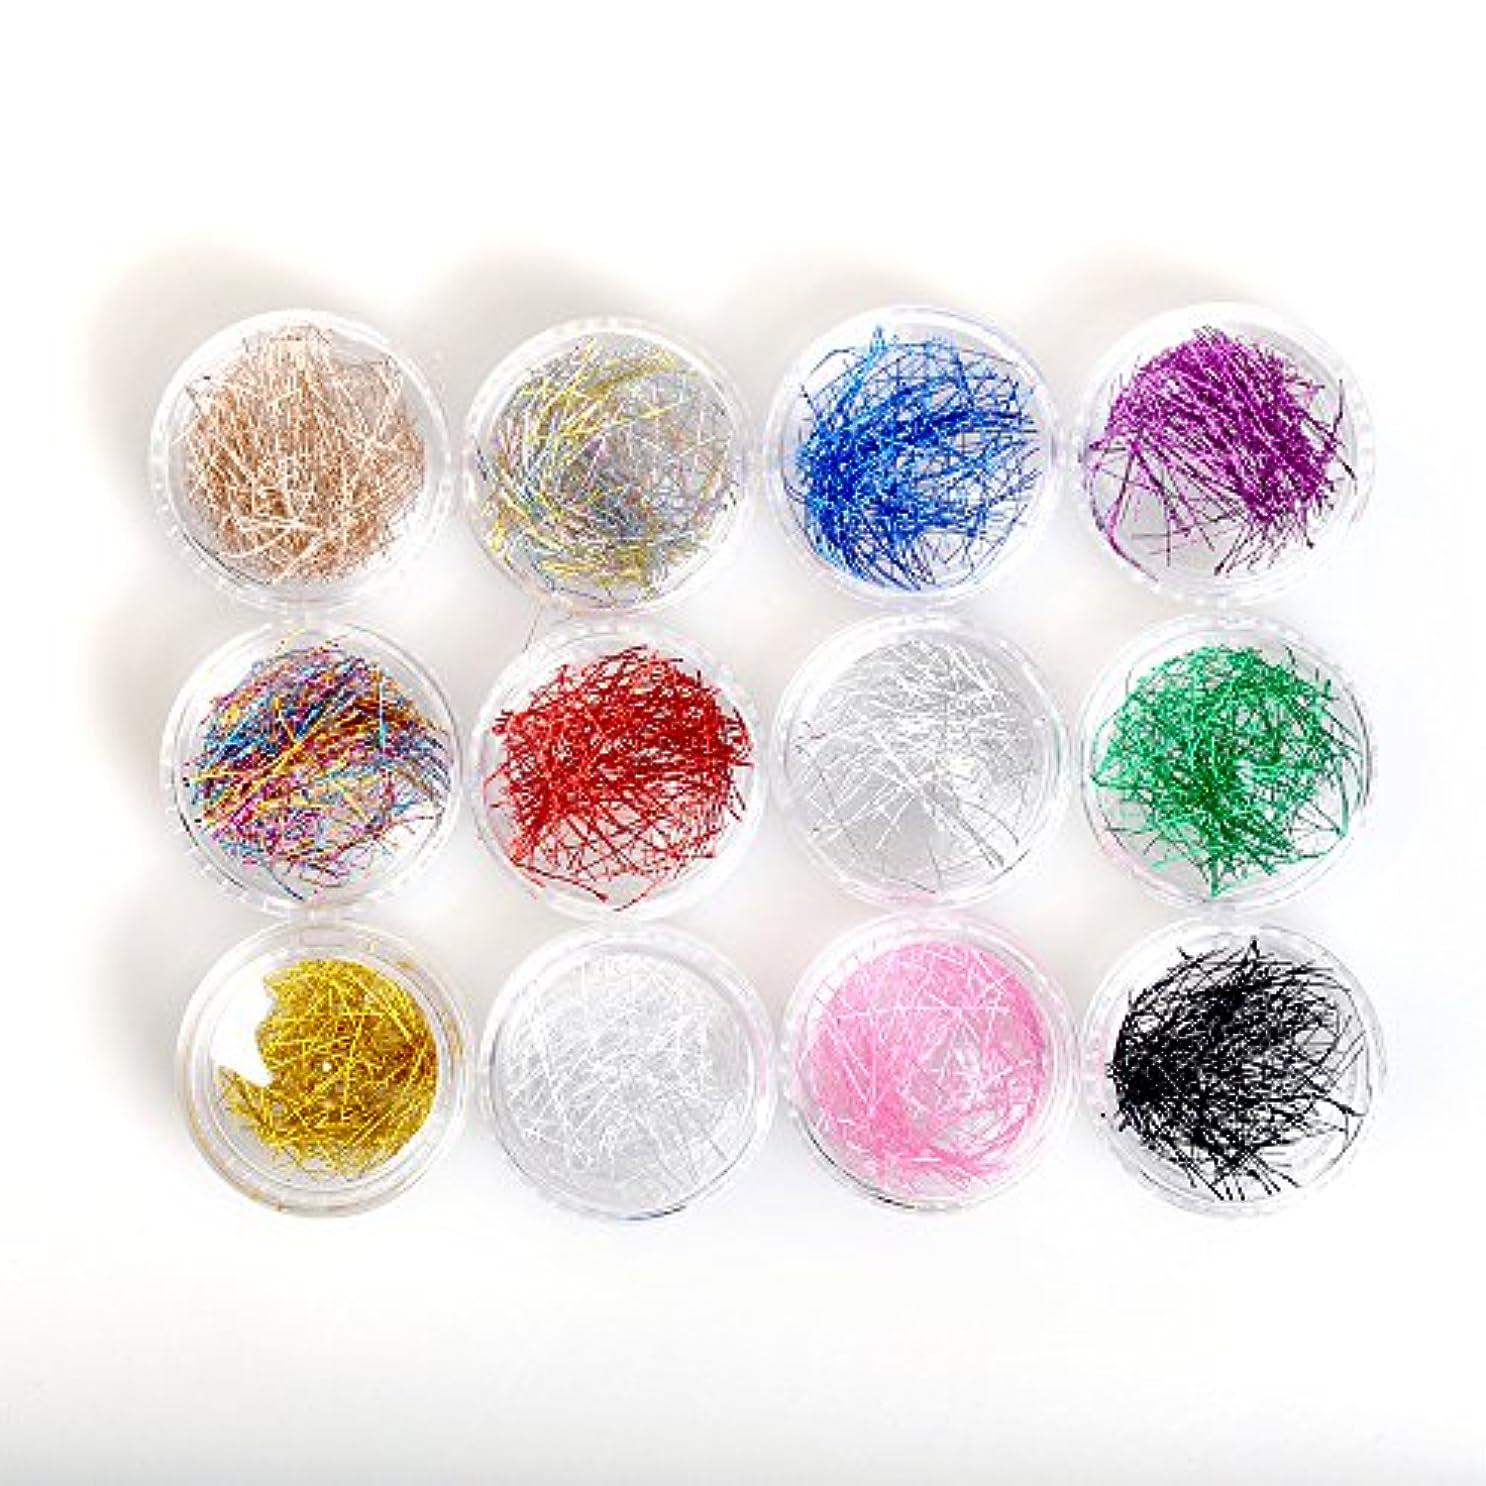 インターネット不足目立つネイルアート ラメ糸 レインボー ラメ飾り ネイルデザイン ジェルネイル 12色